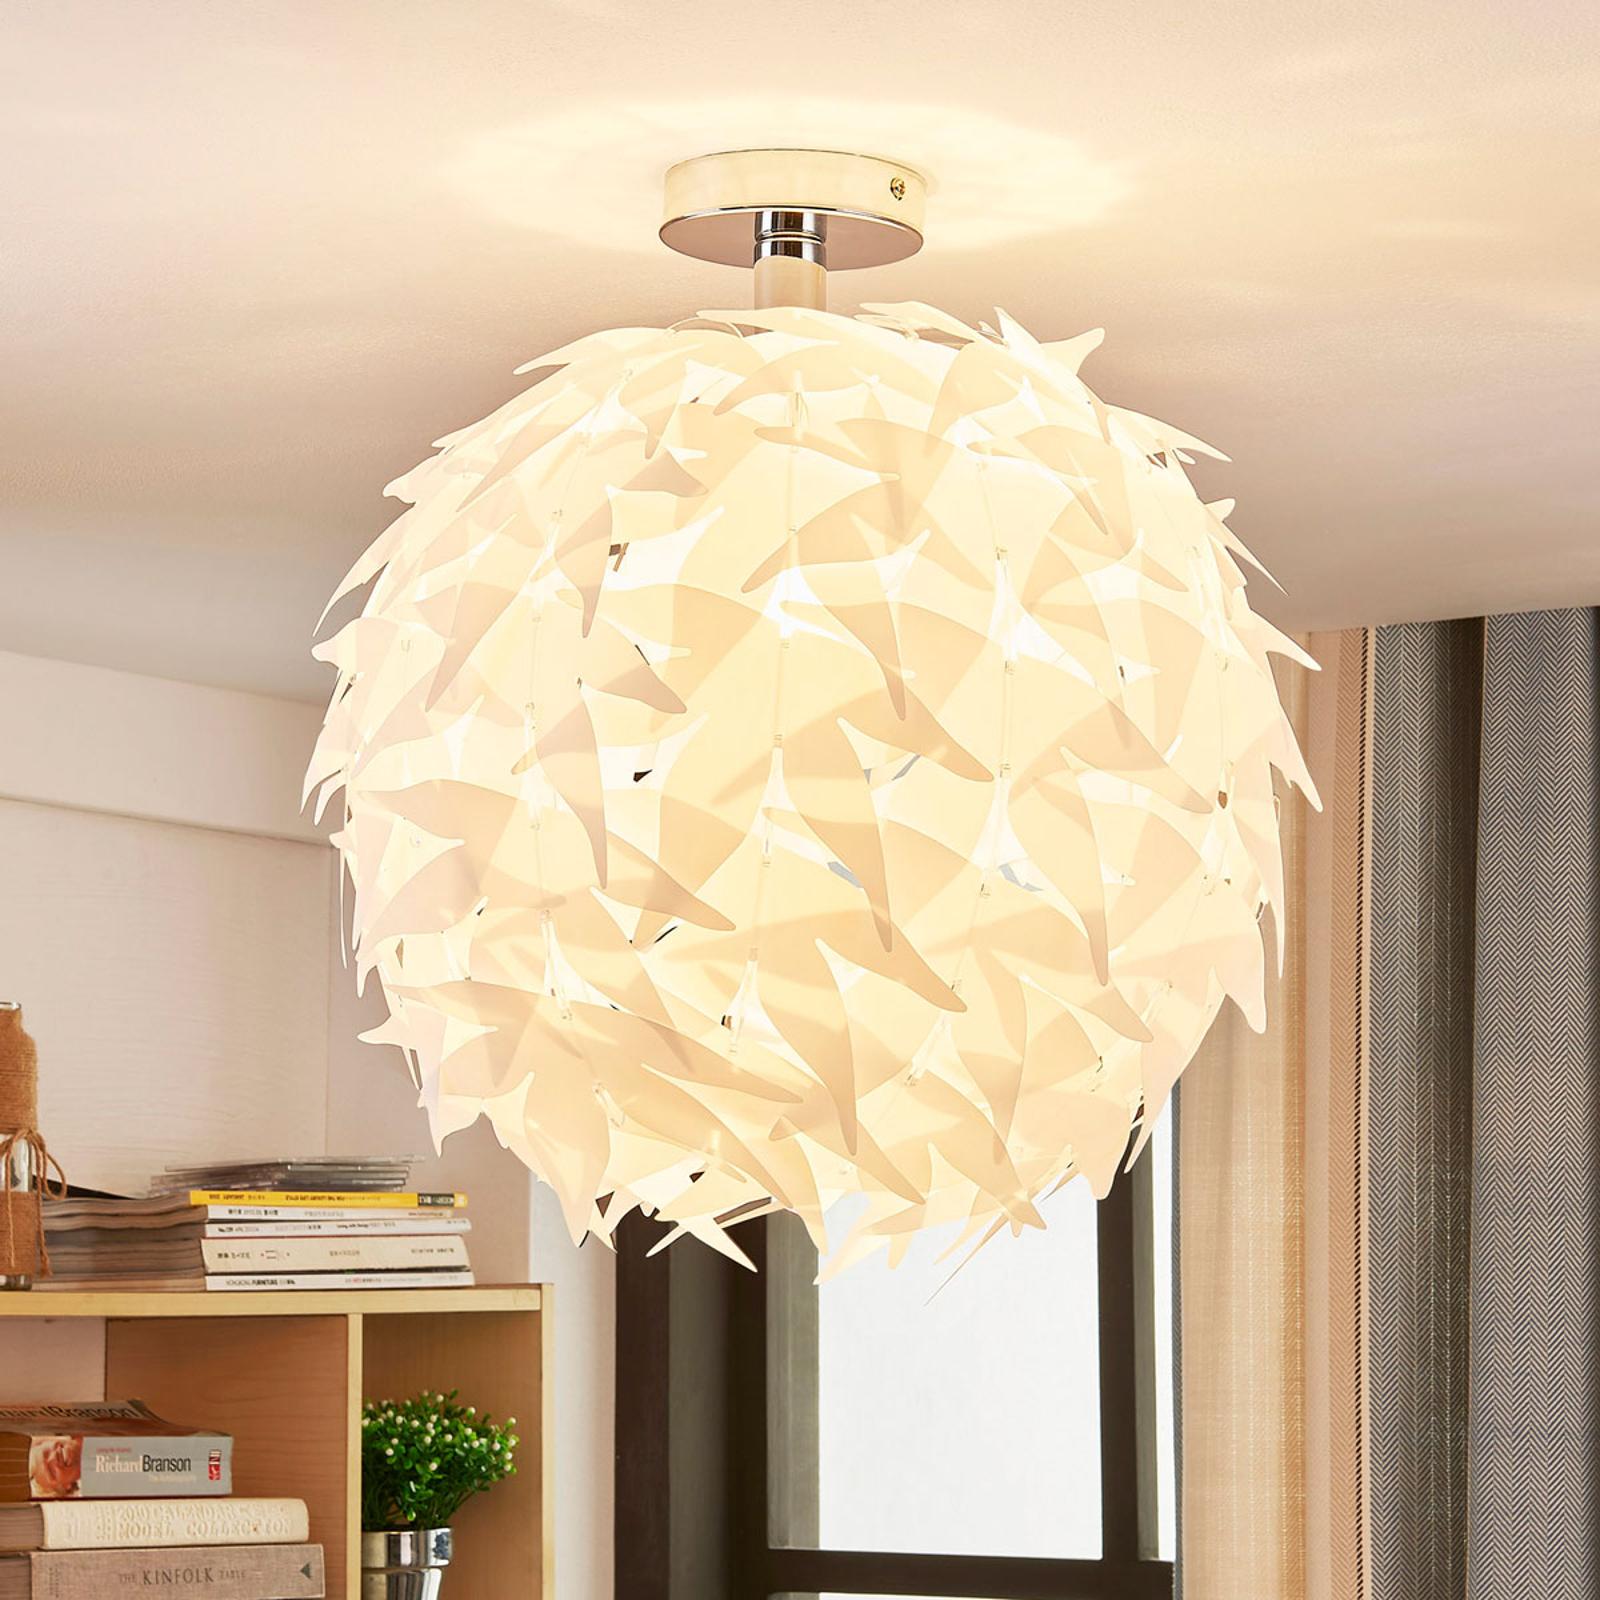 Corin – biała lampa sufitowa, trendy